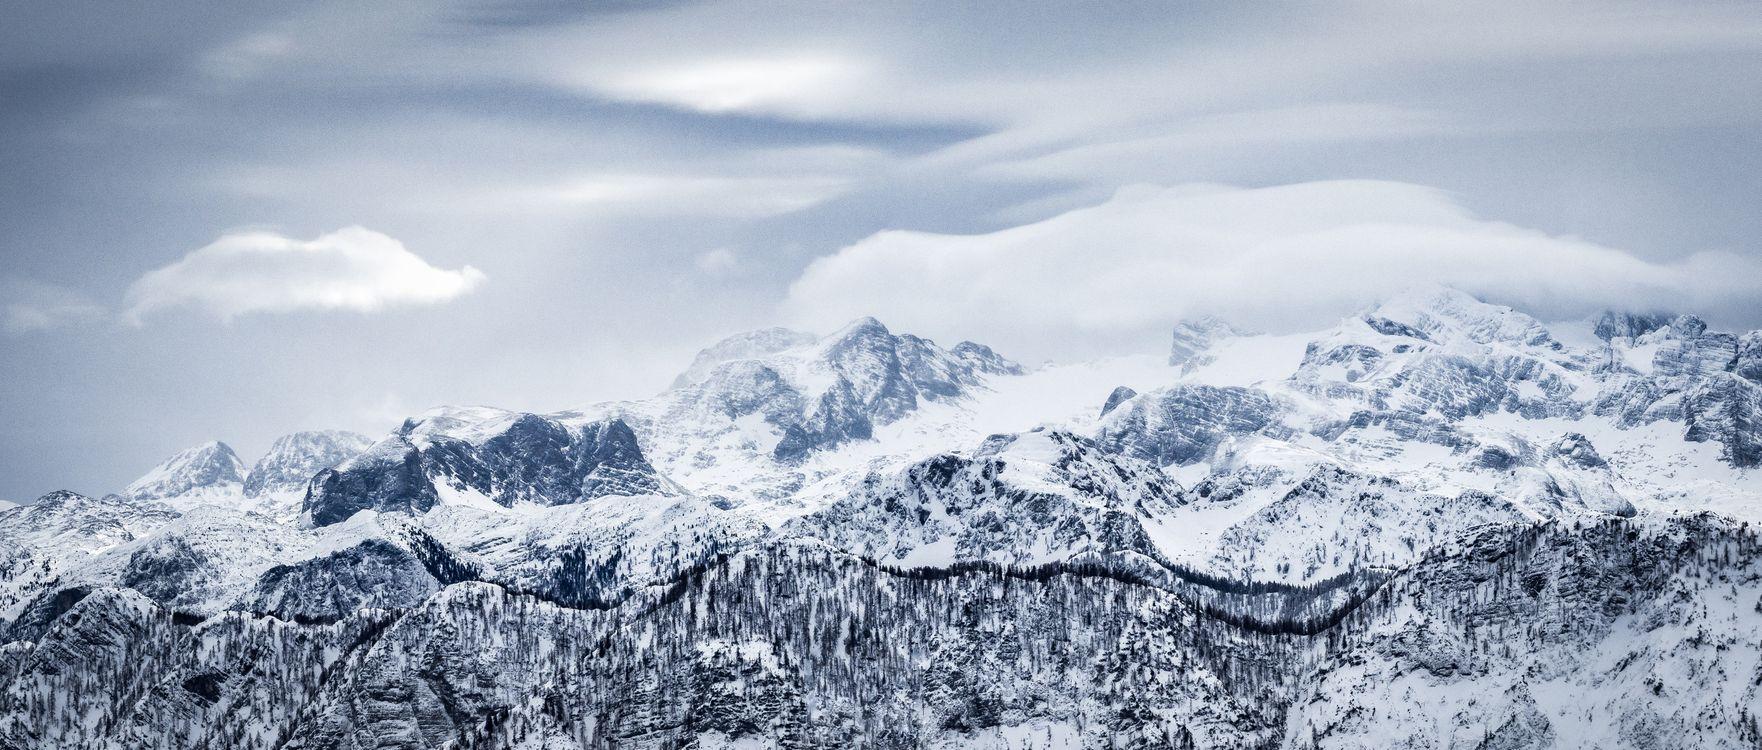 Фото бесплатно горы, снег, зима, высота, mountains, snow, winter - на рабочий стол